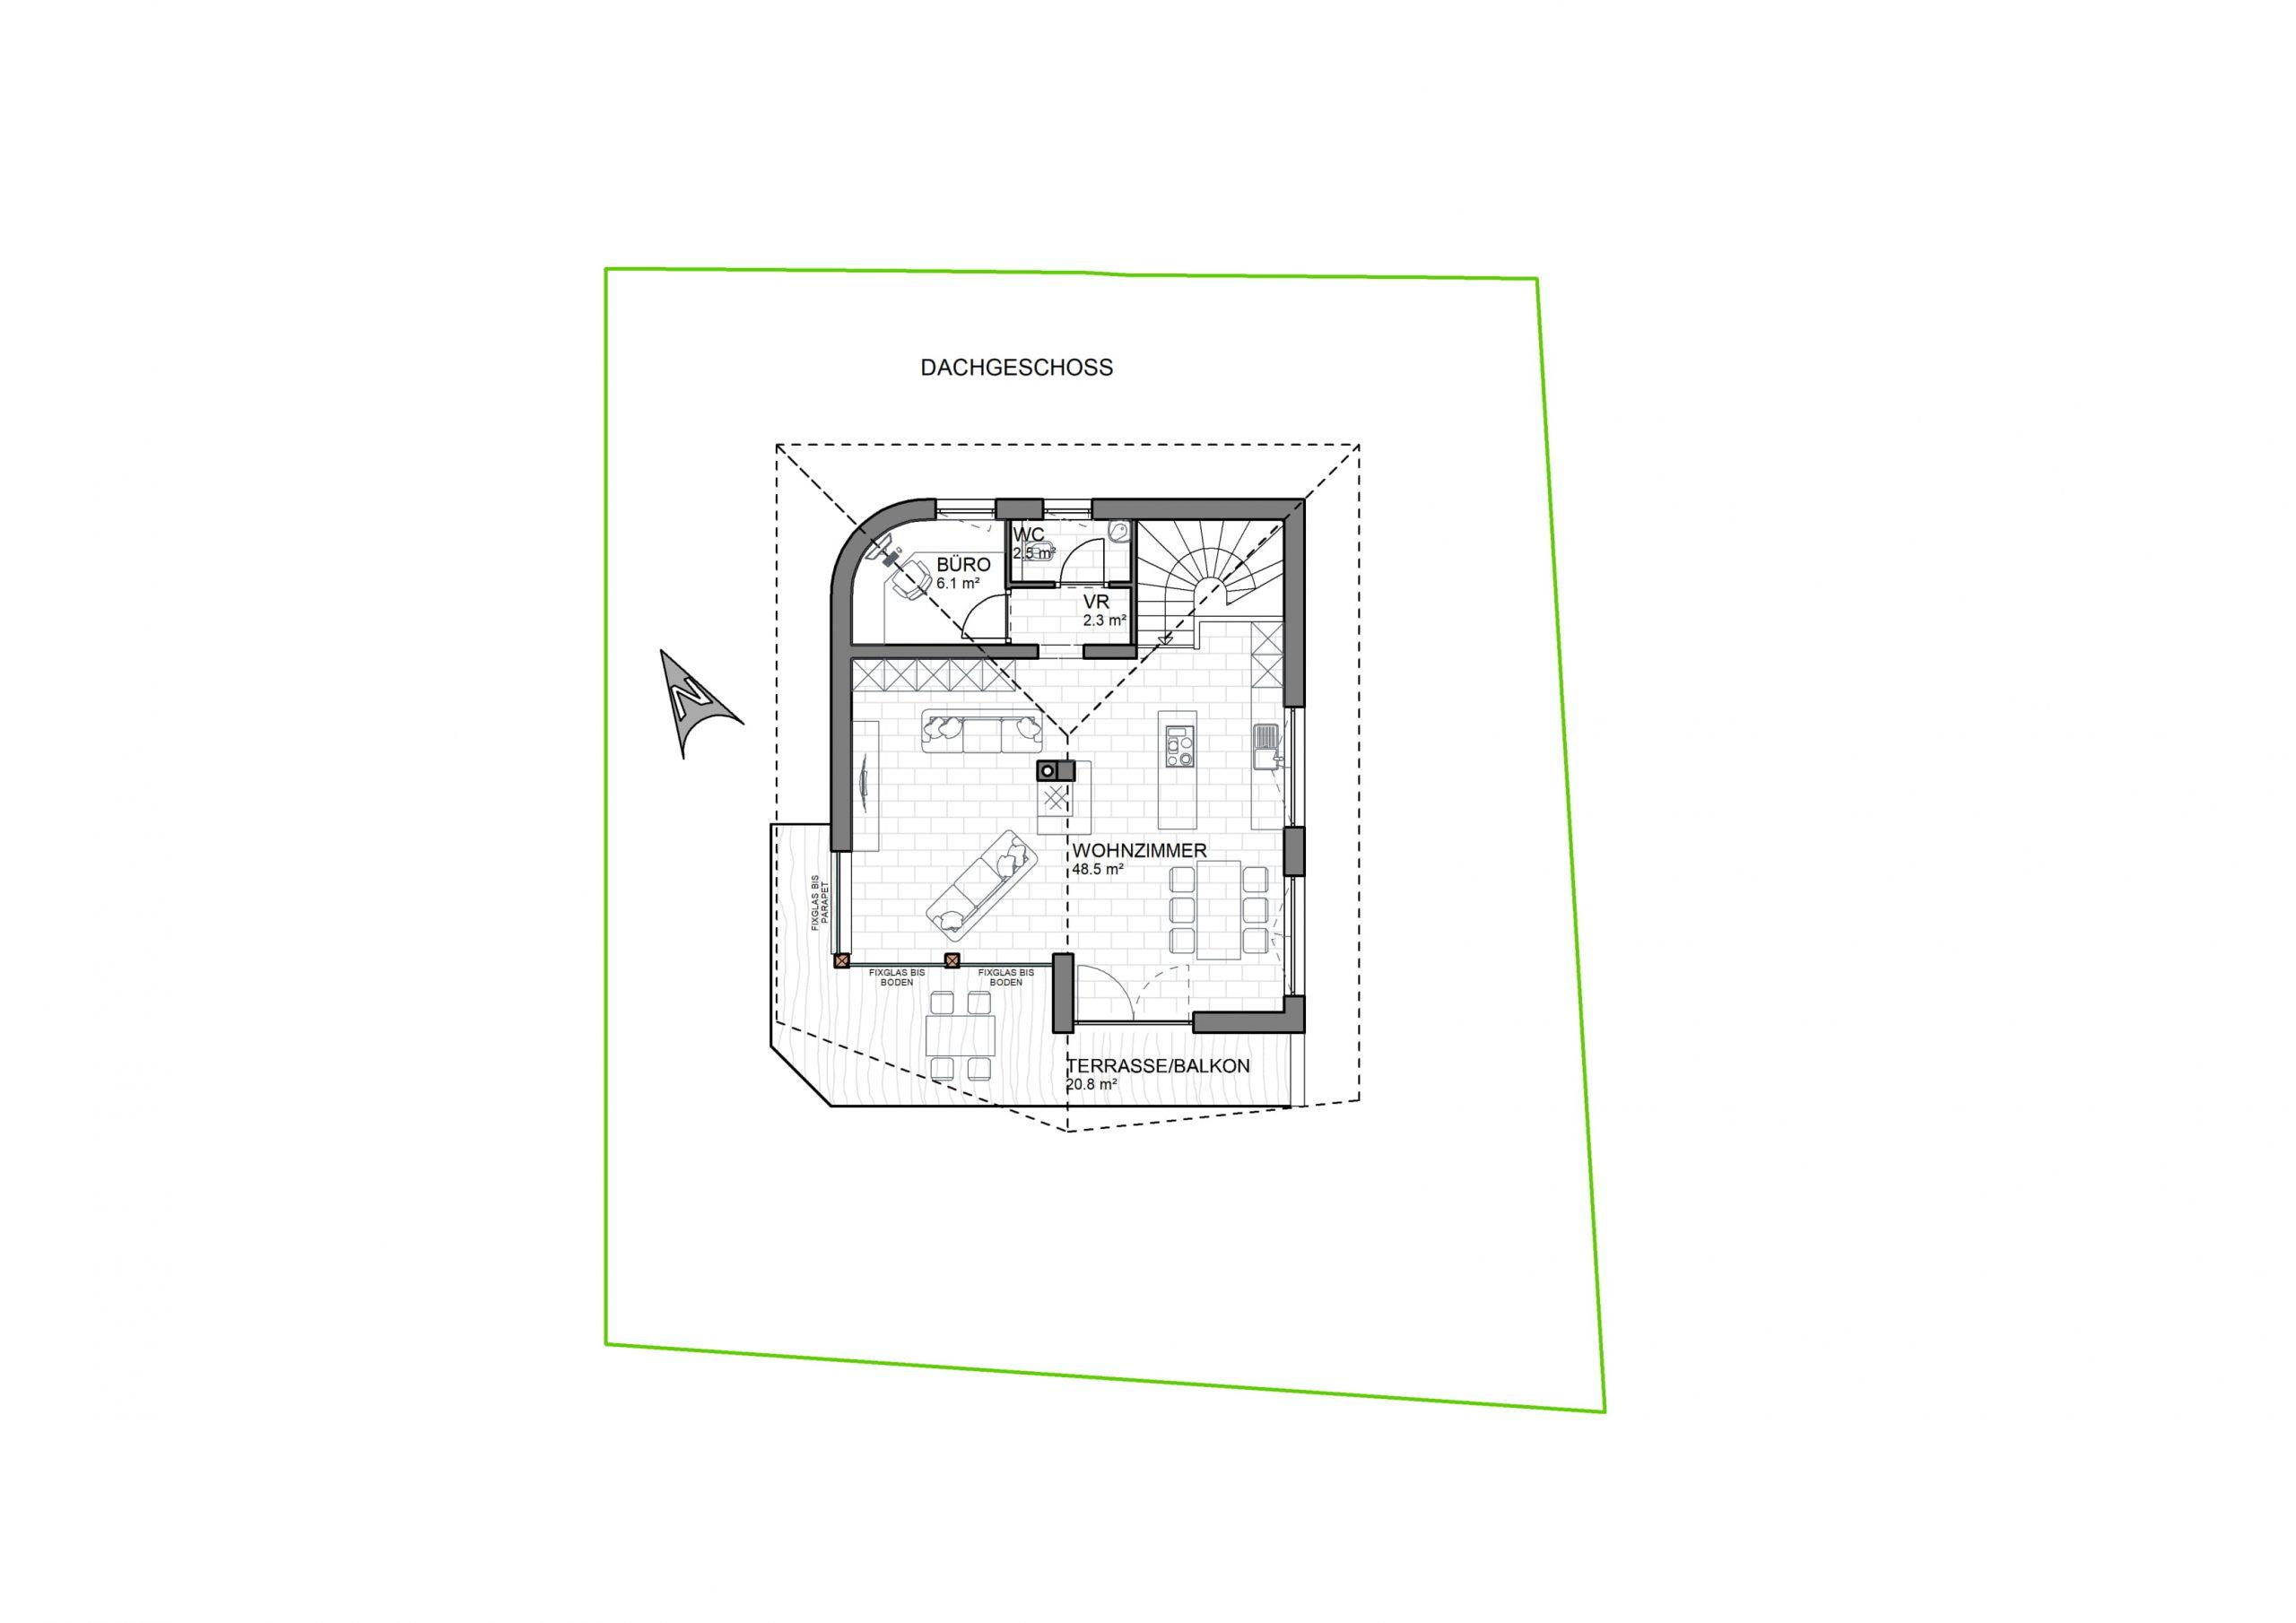 2021-02-22-OR Haus 2 GR Dachgeschoss-1